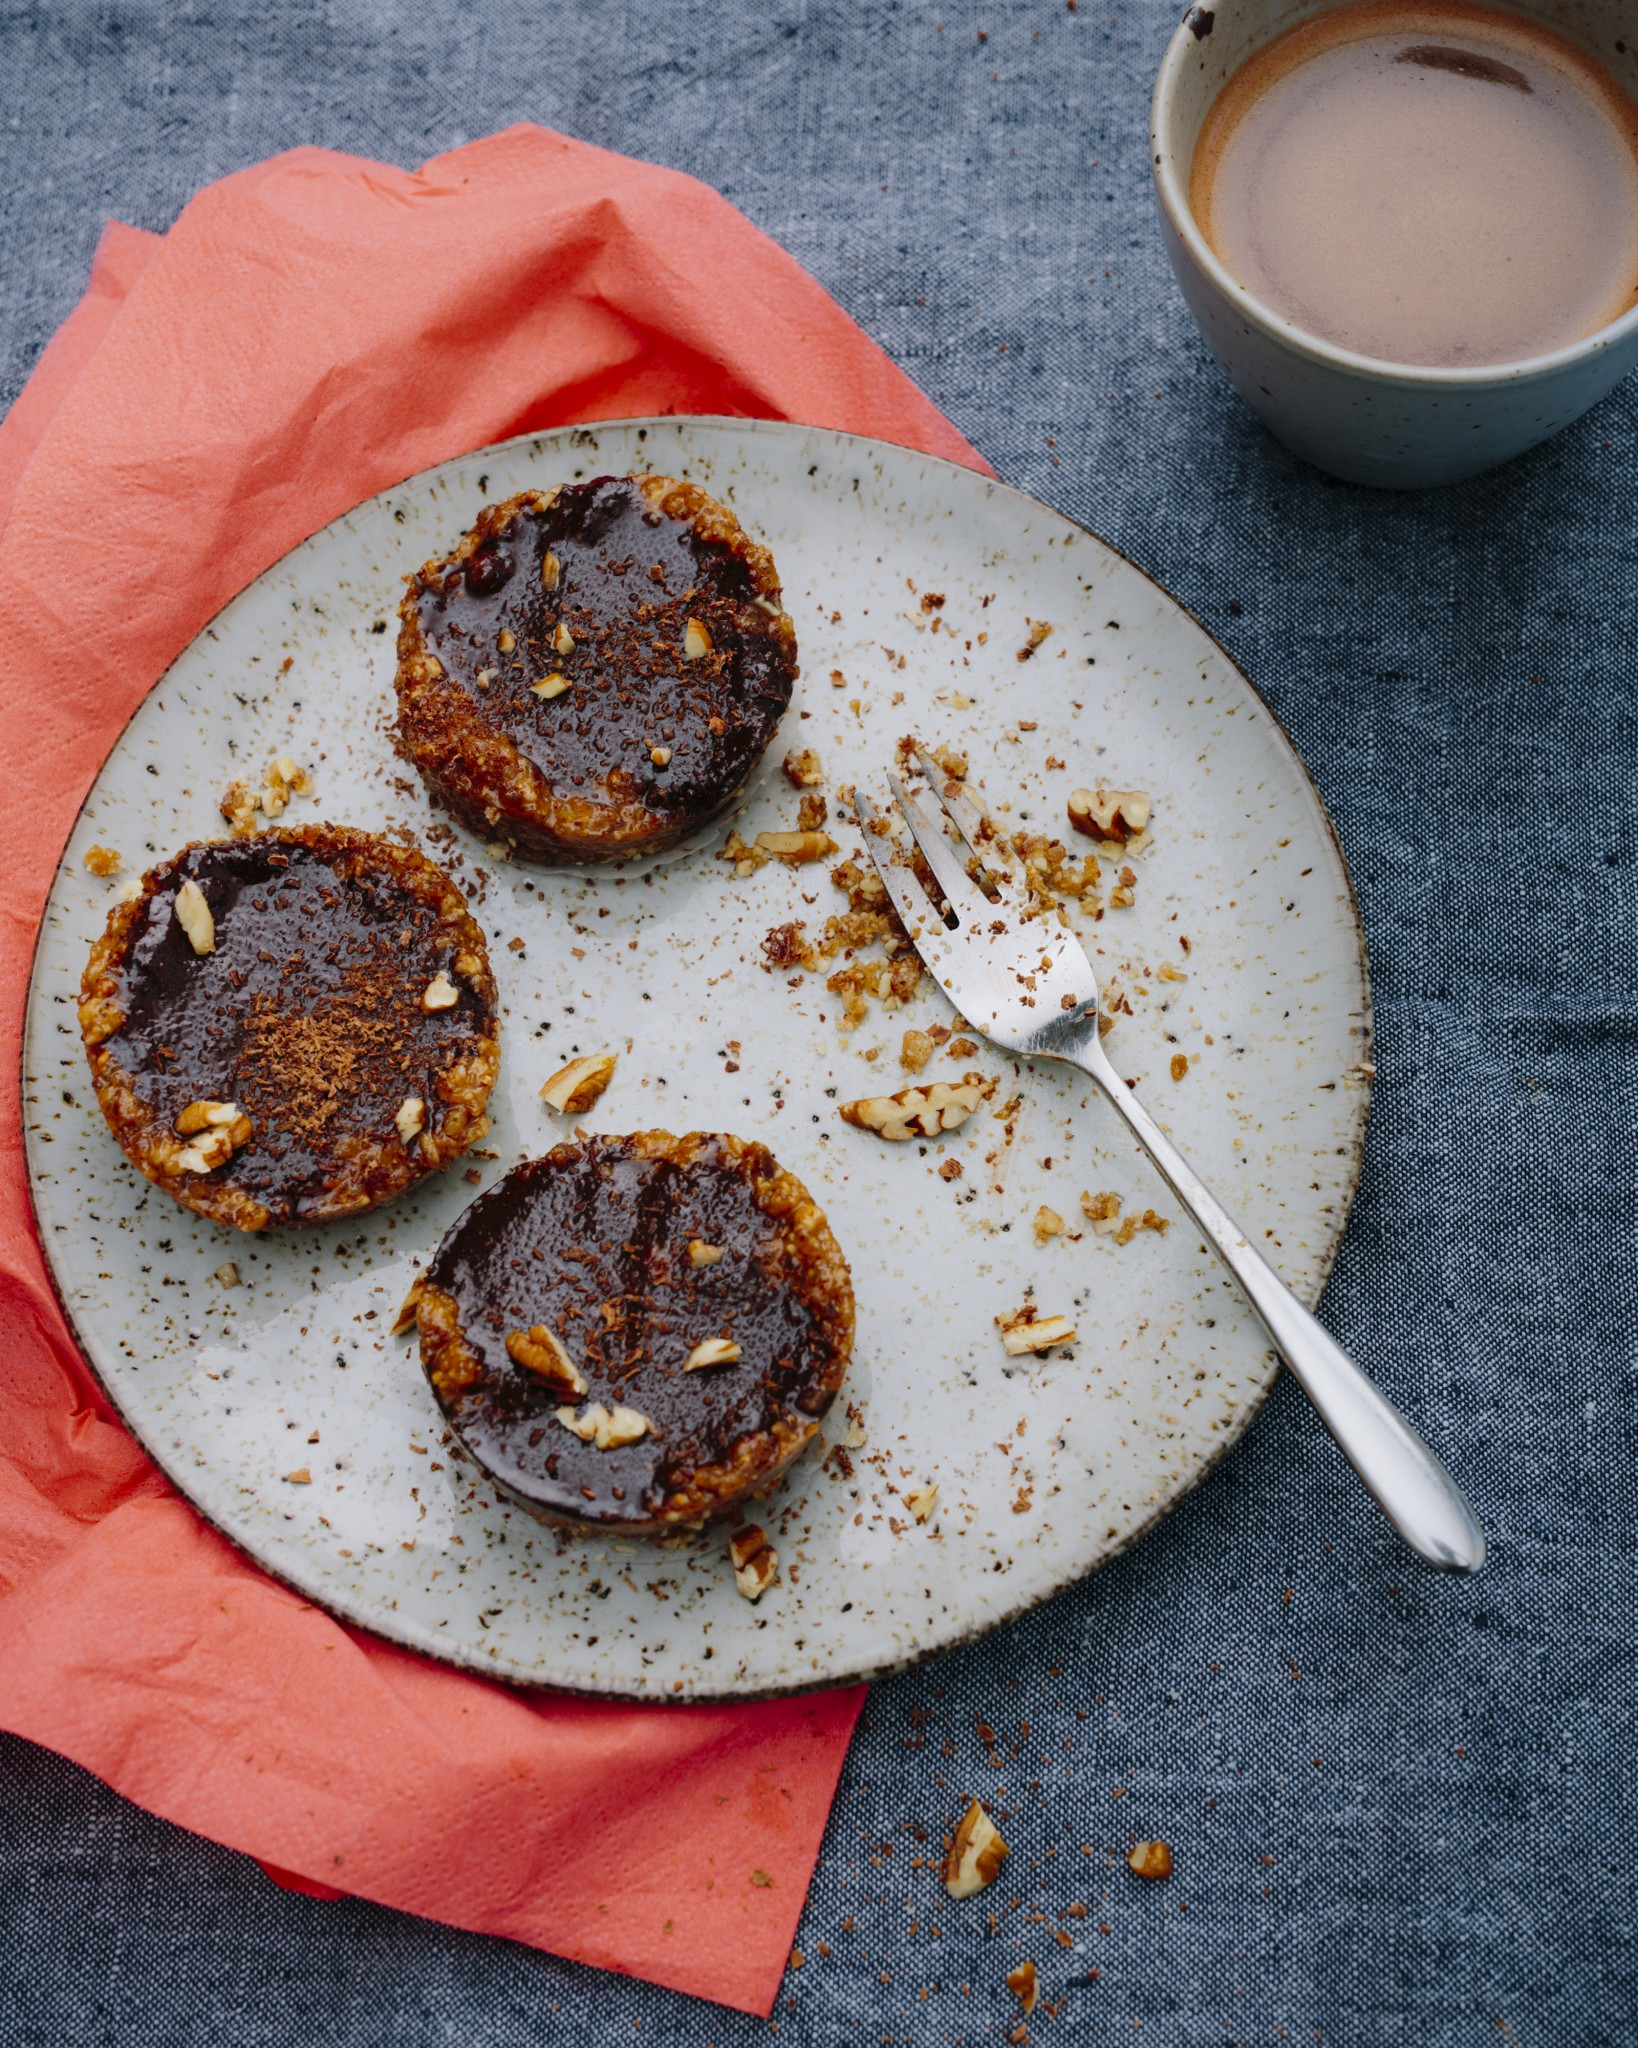 mvvoorbergen 20150917 Rens Kroes 7 - Raw Cupcakes met de smaak van snickers